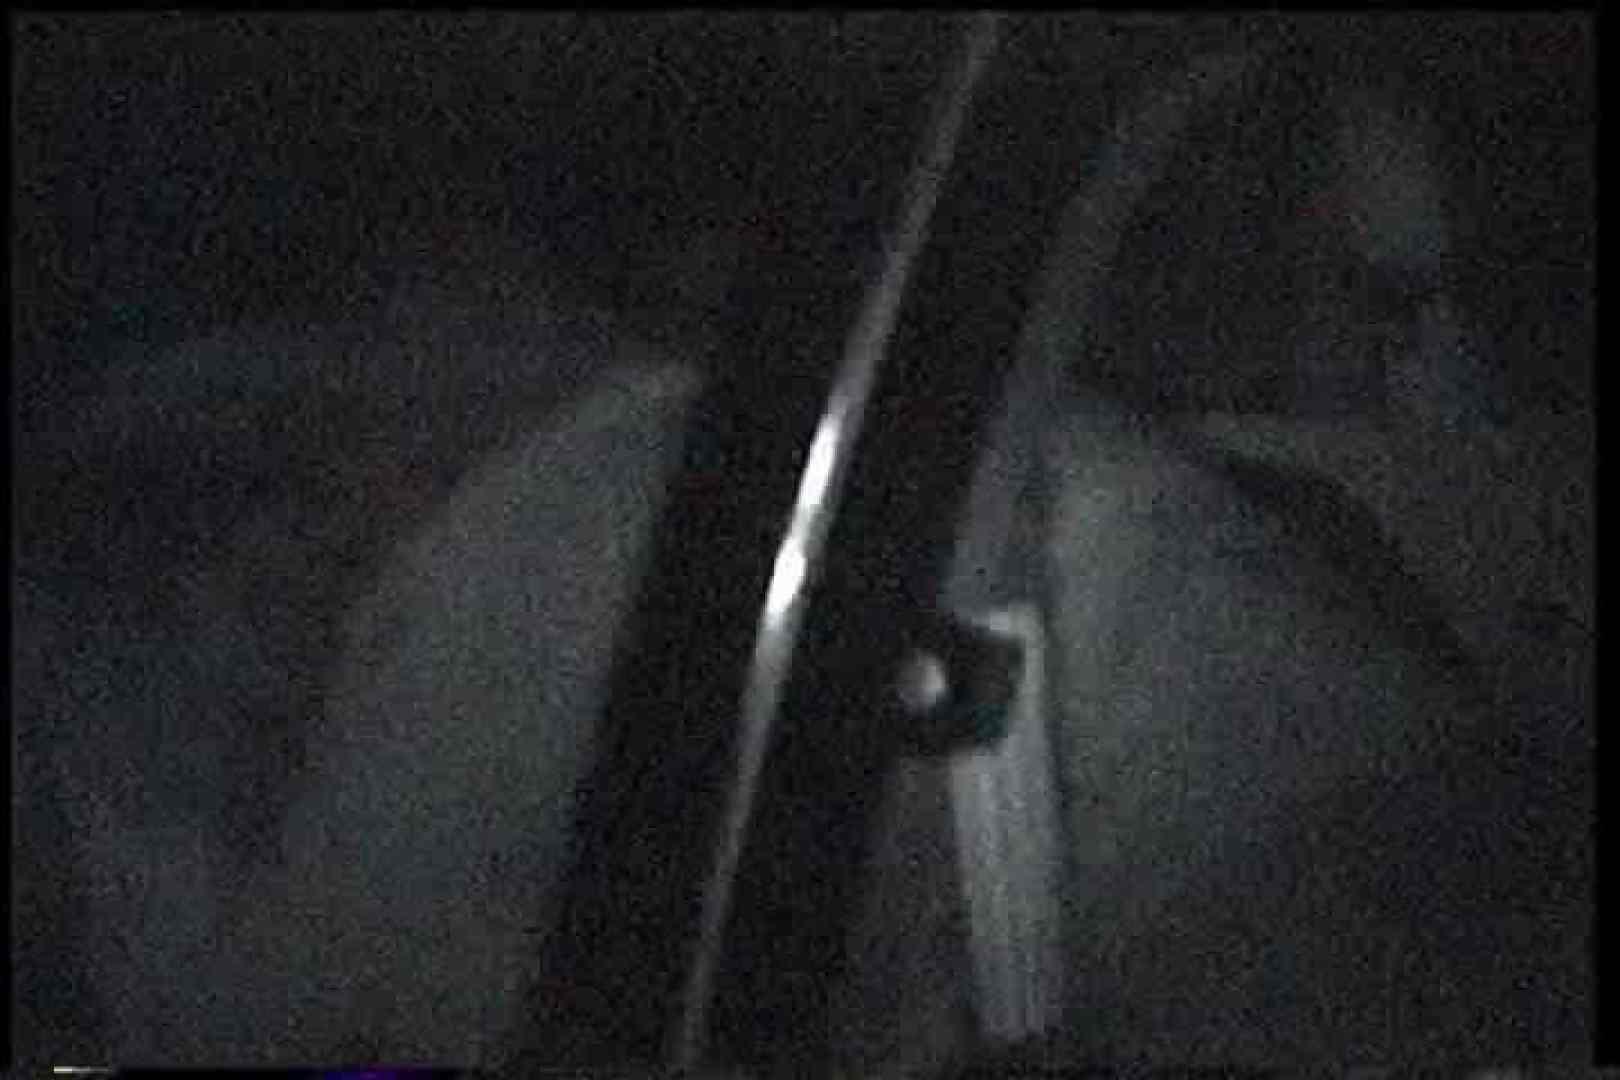 充血監督の深夜の運動会Vol.162 フェラ | OLすけべ画像  67連発 61